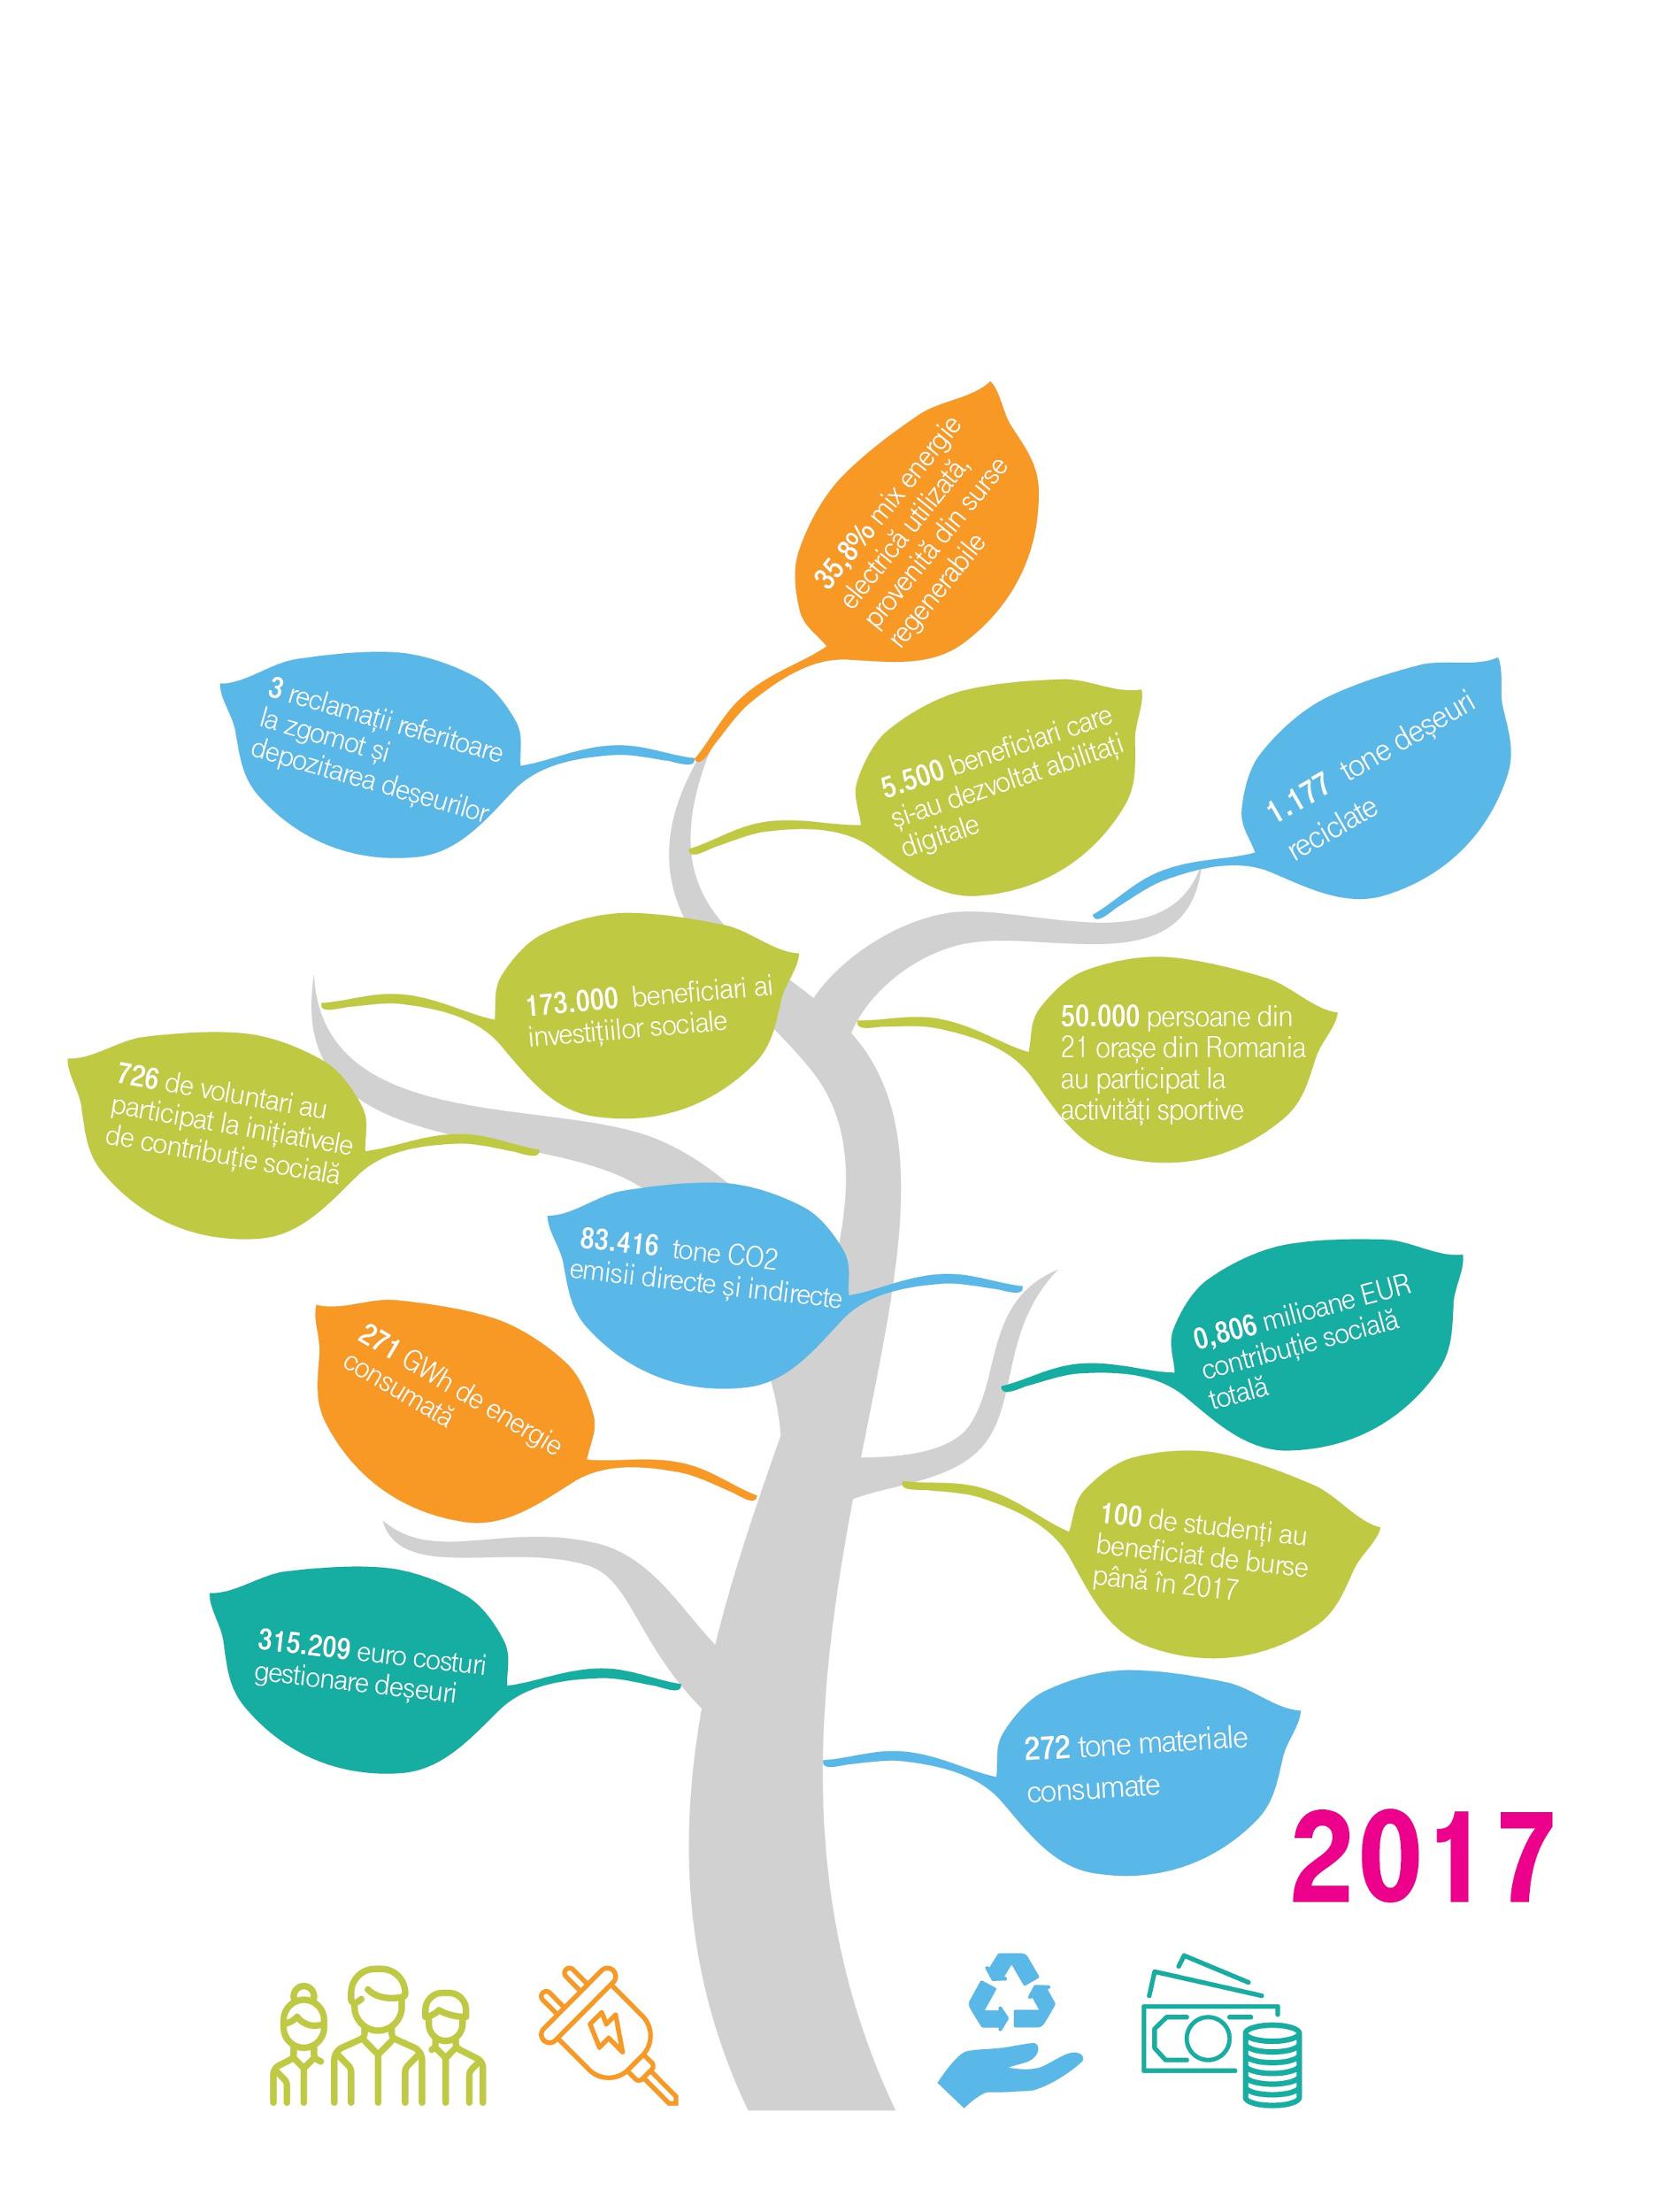 Telekom Romania raportul de sustenabilitate pentru anul 2017